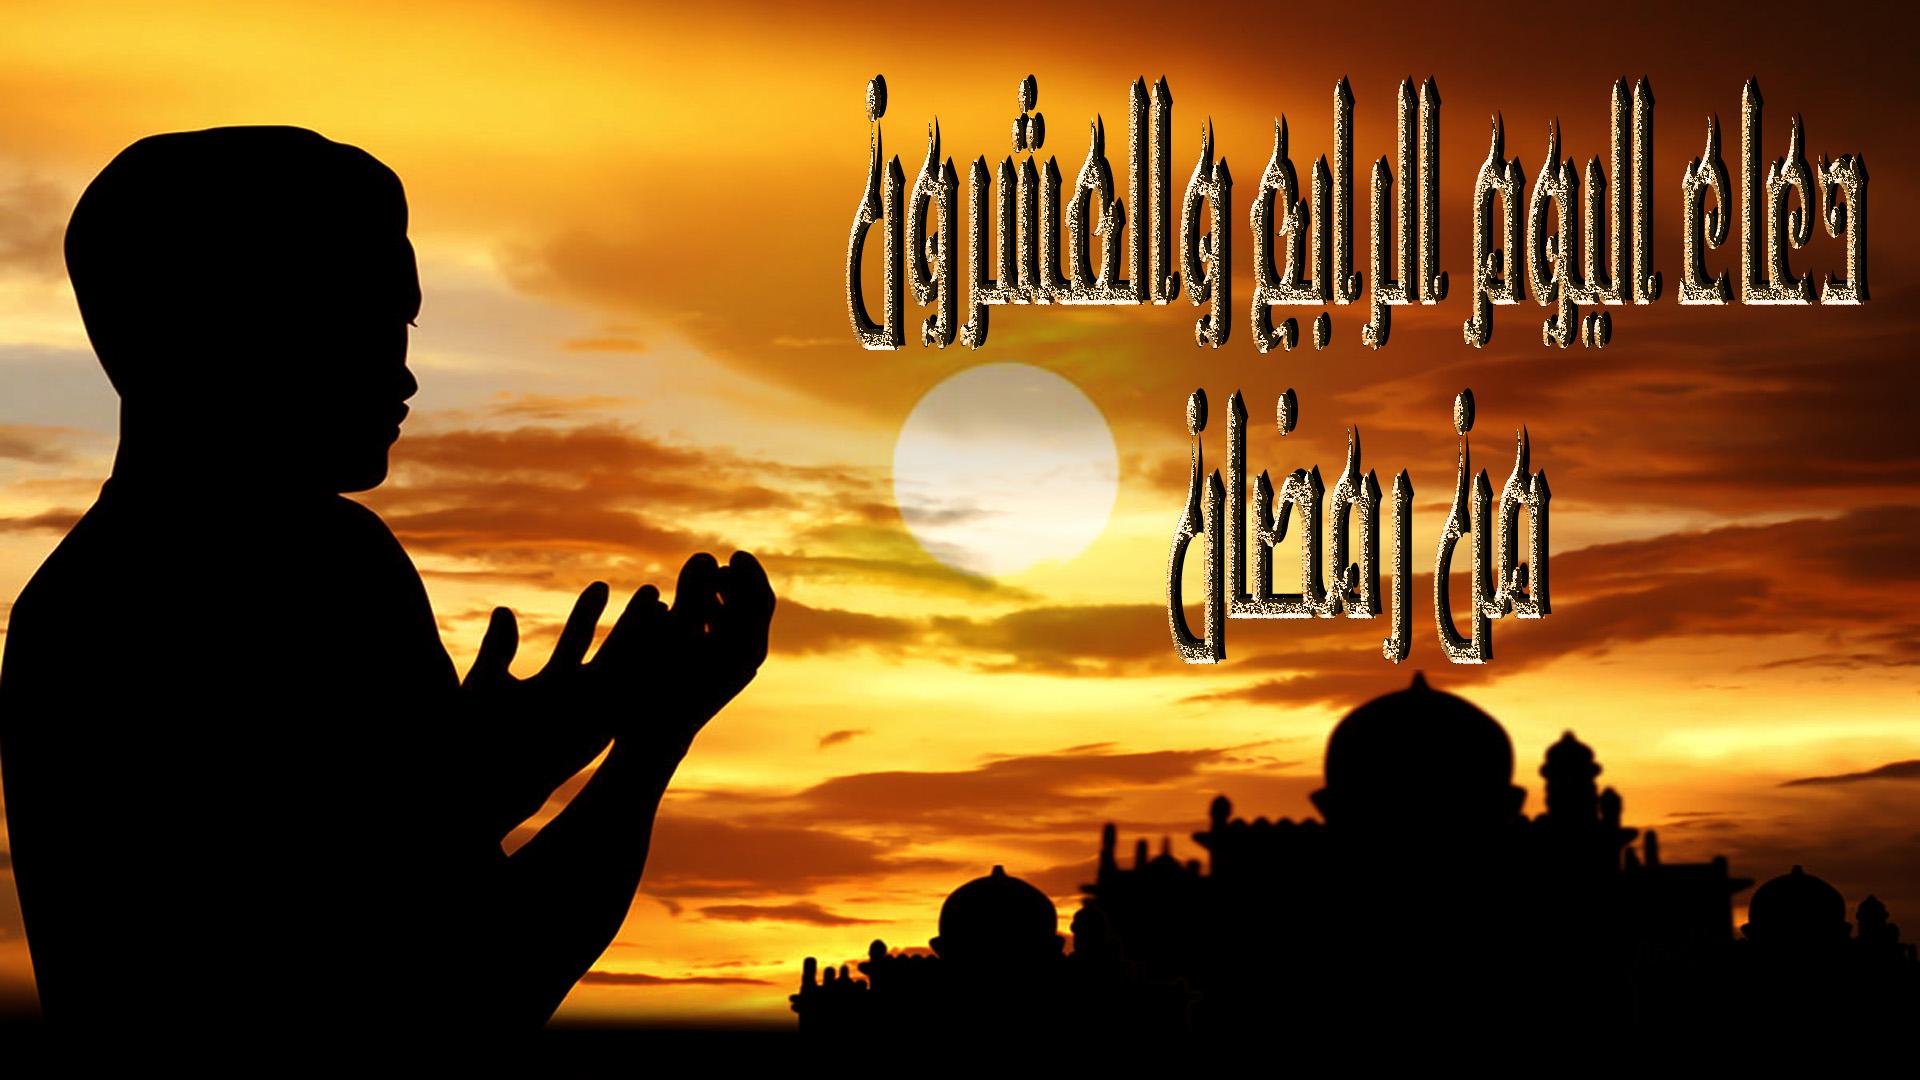 أدعية أيام شهر رمضان ( دعاء اليوم الرابع والعشرون )